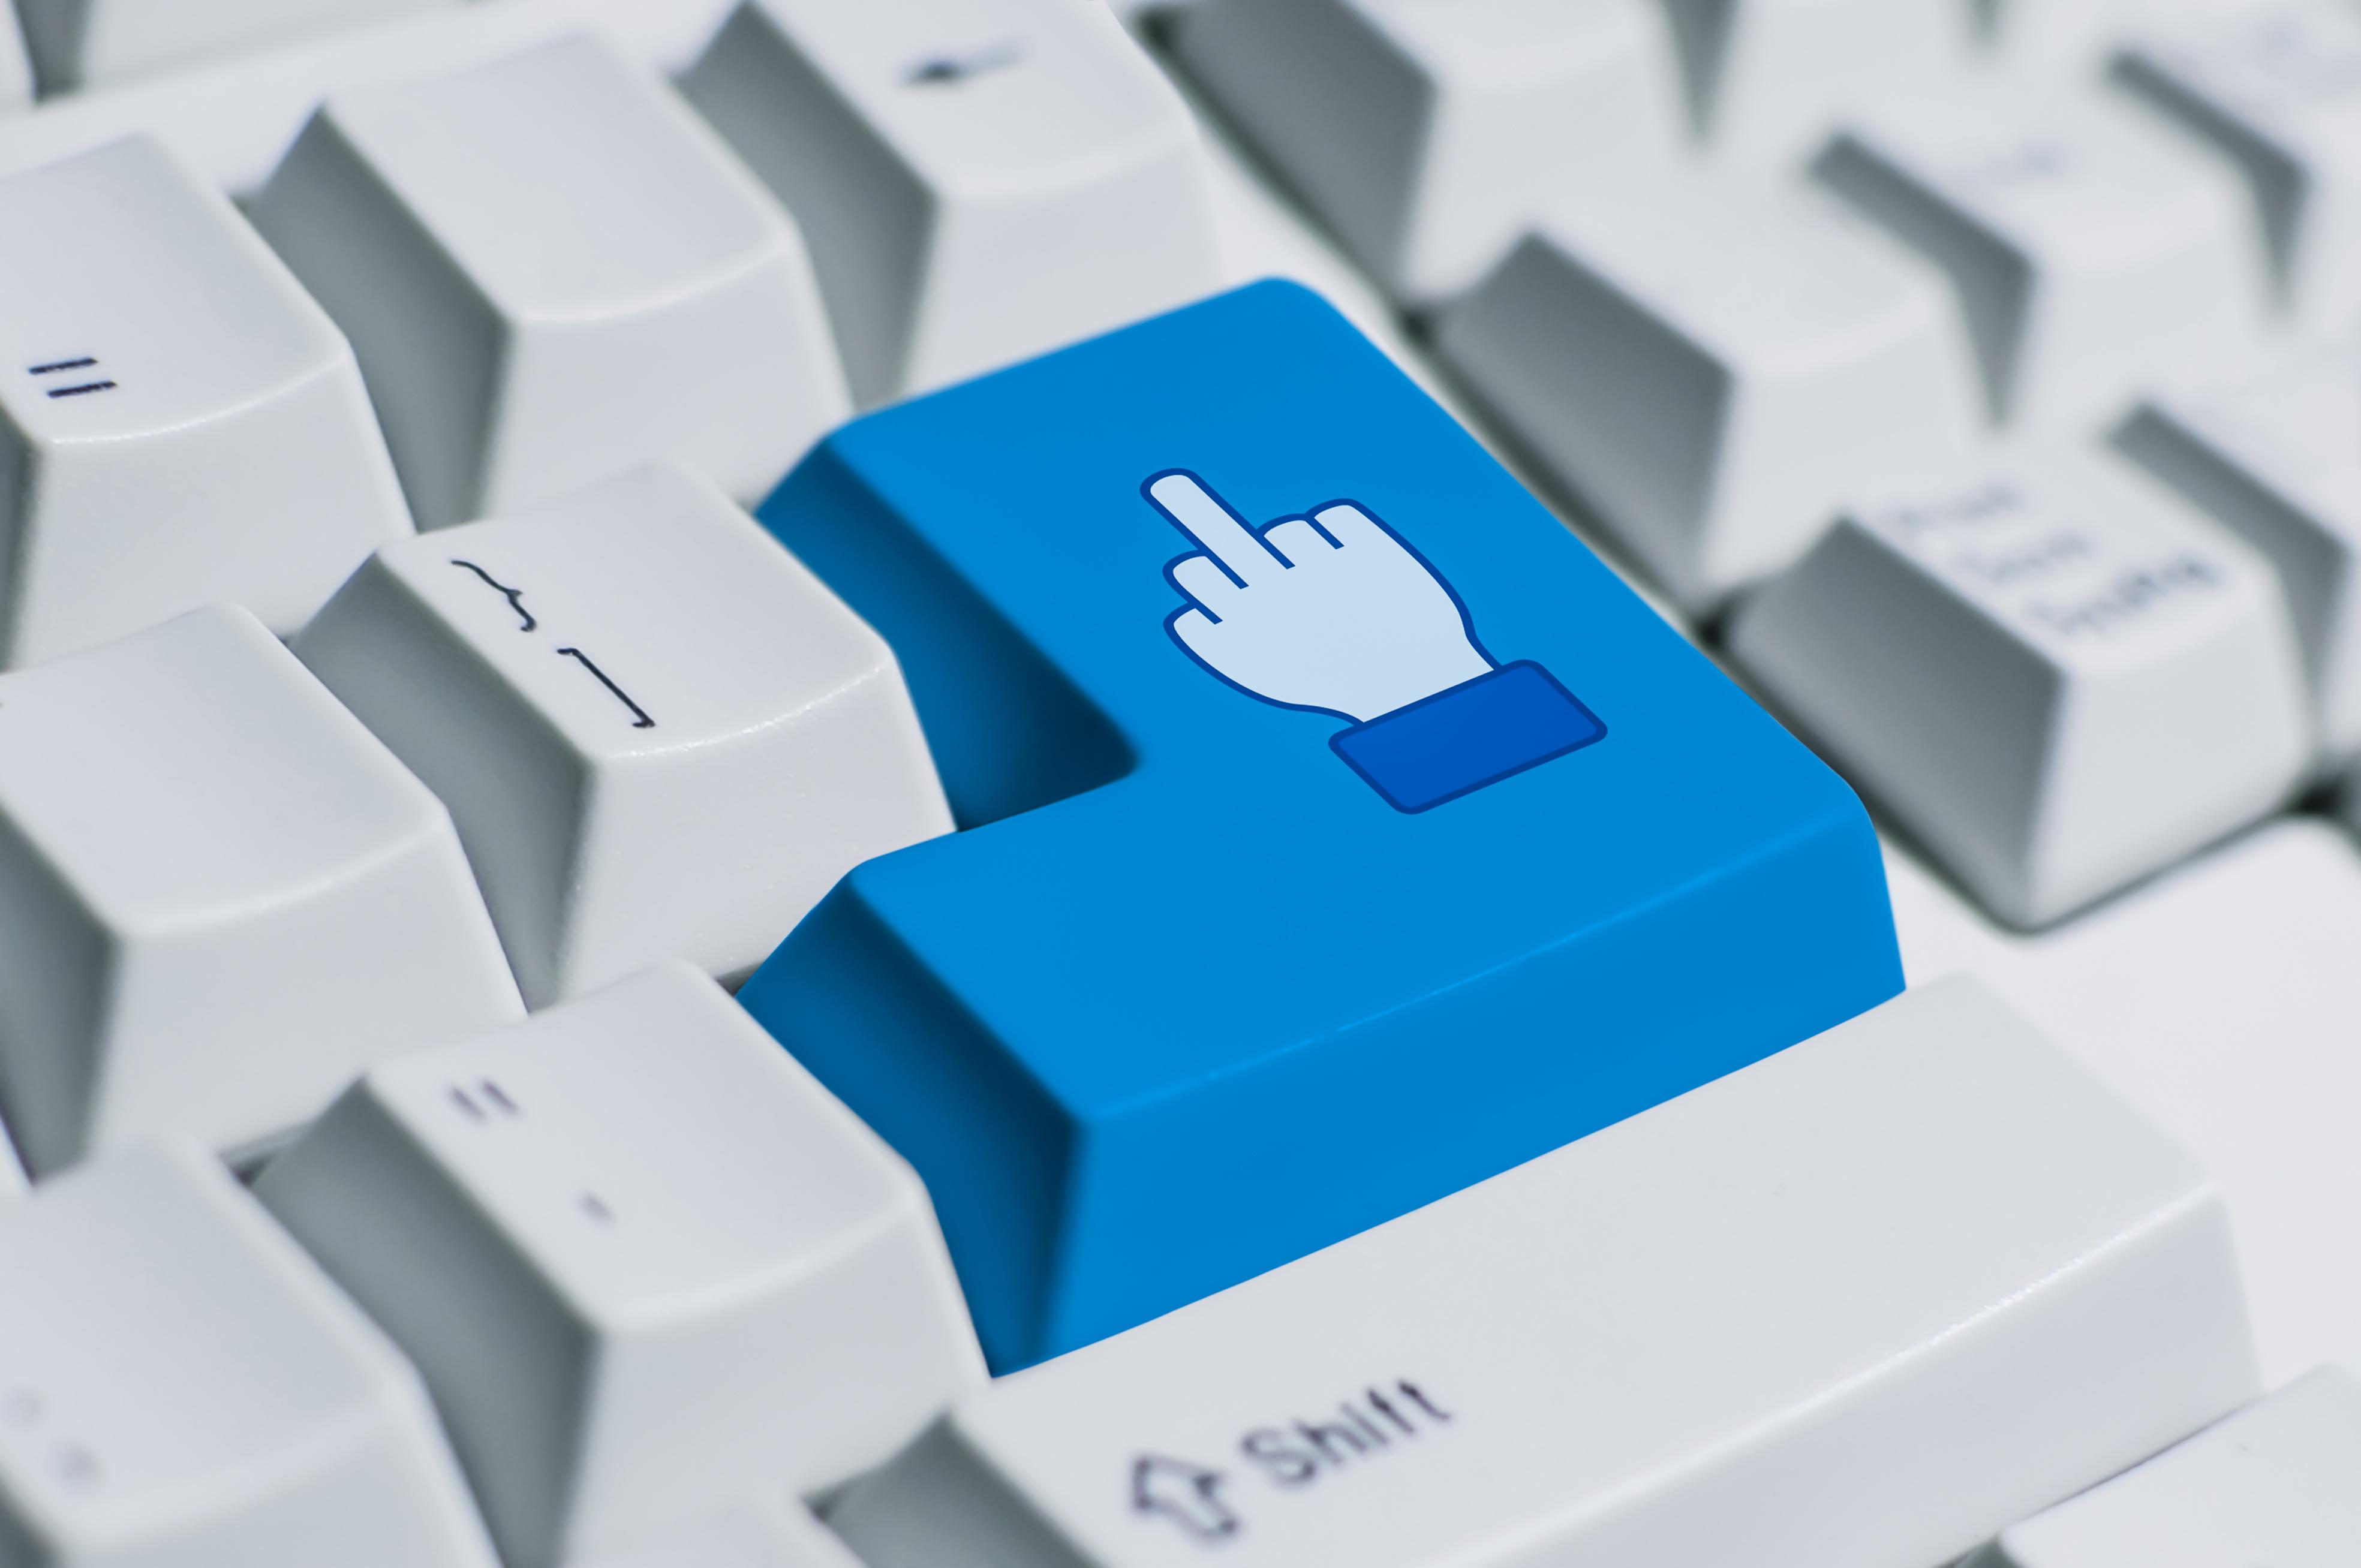 Hasskriminalität im Netz nicht hinnehmen